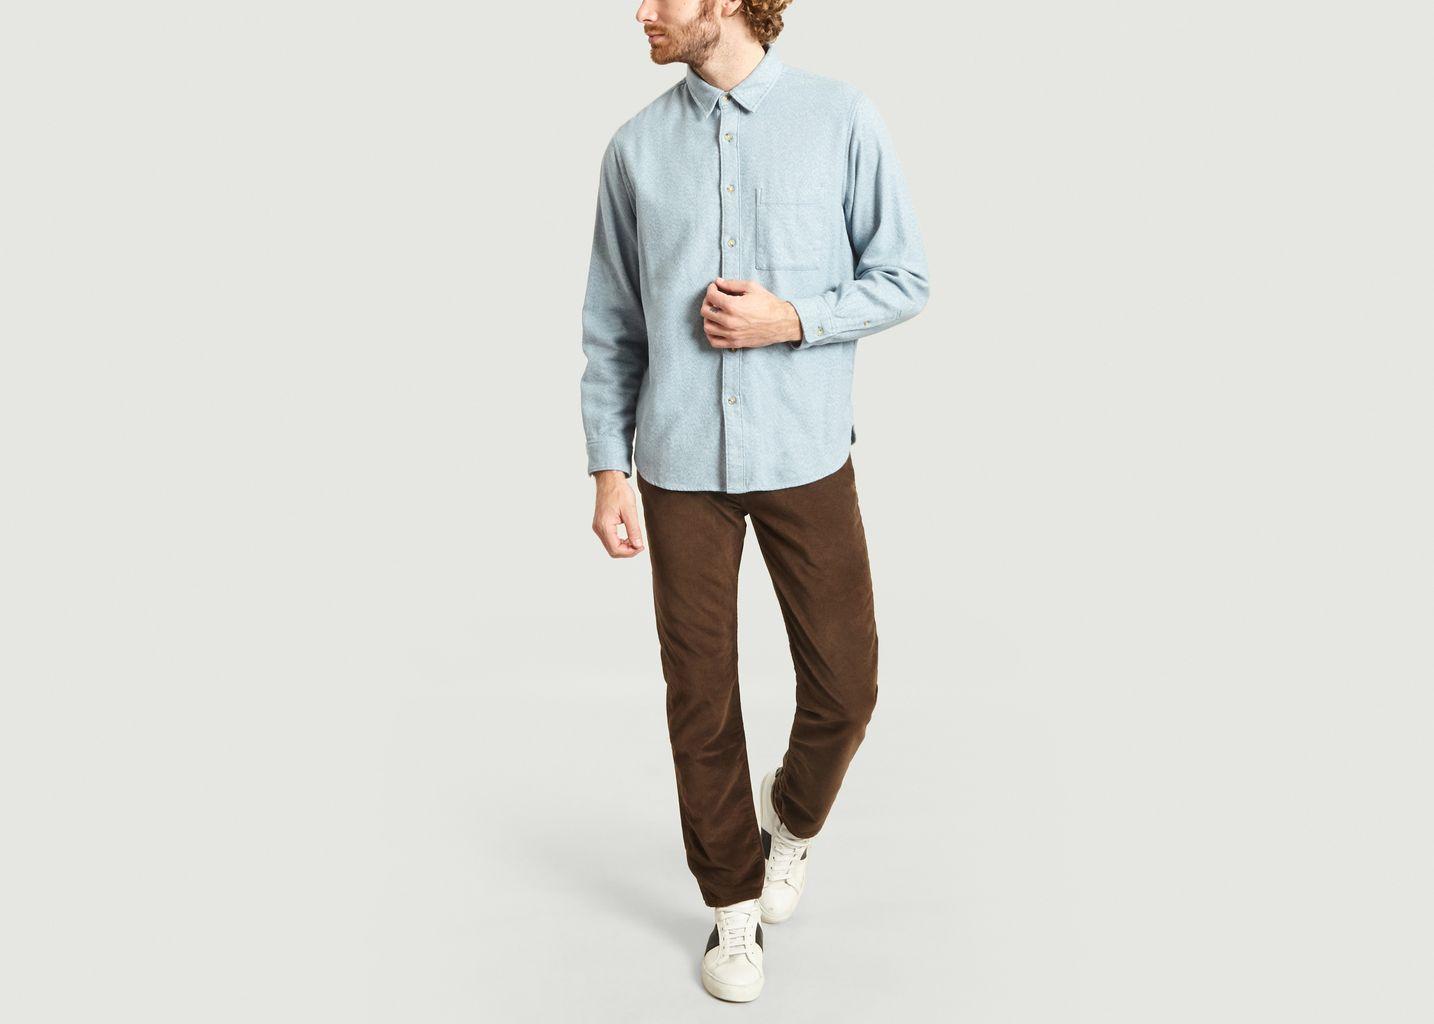 Pantalon en velours côtelé 502 - Levi's M&C